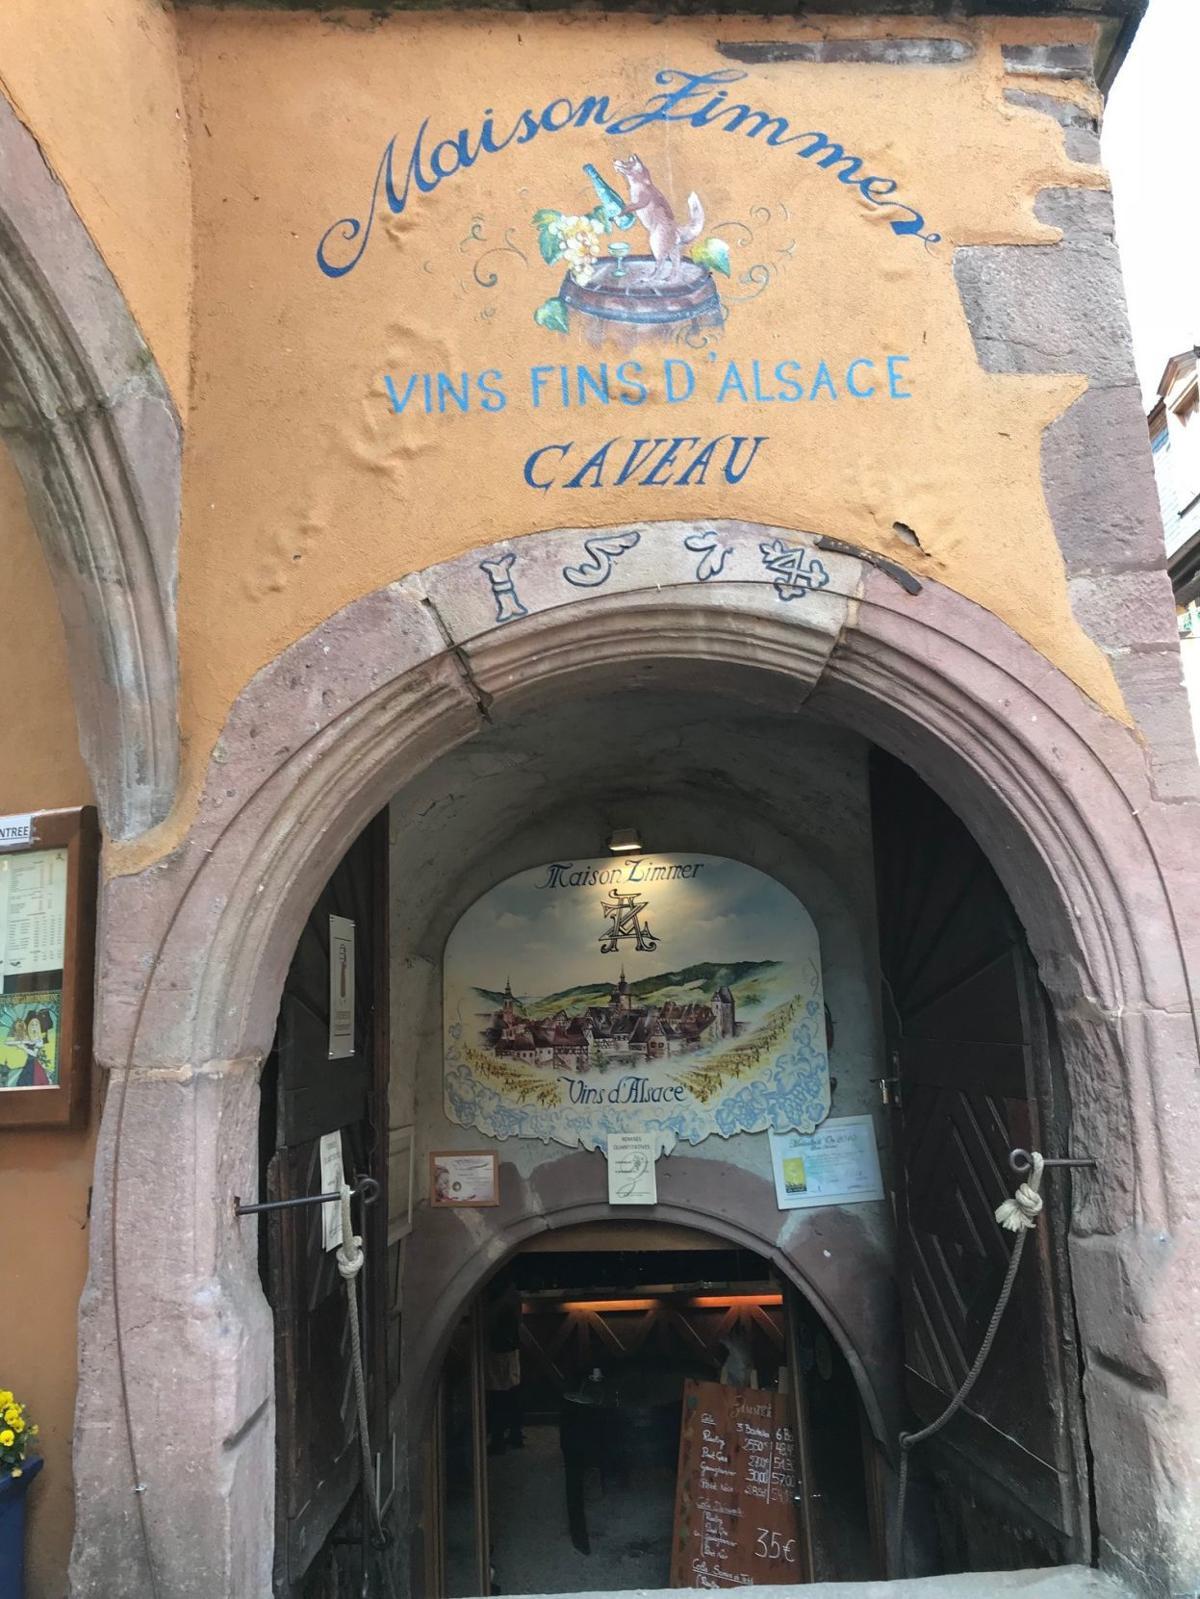 Maison Zimmerman in Riquewihr, Alsace